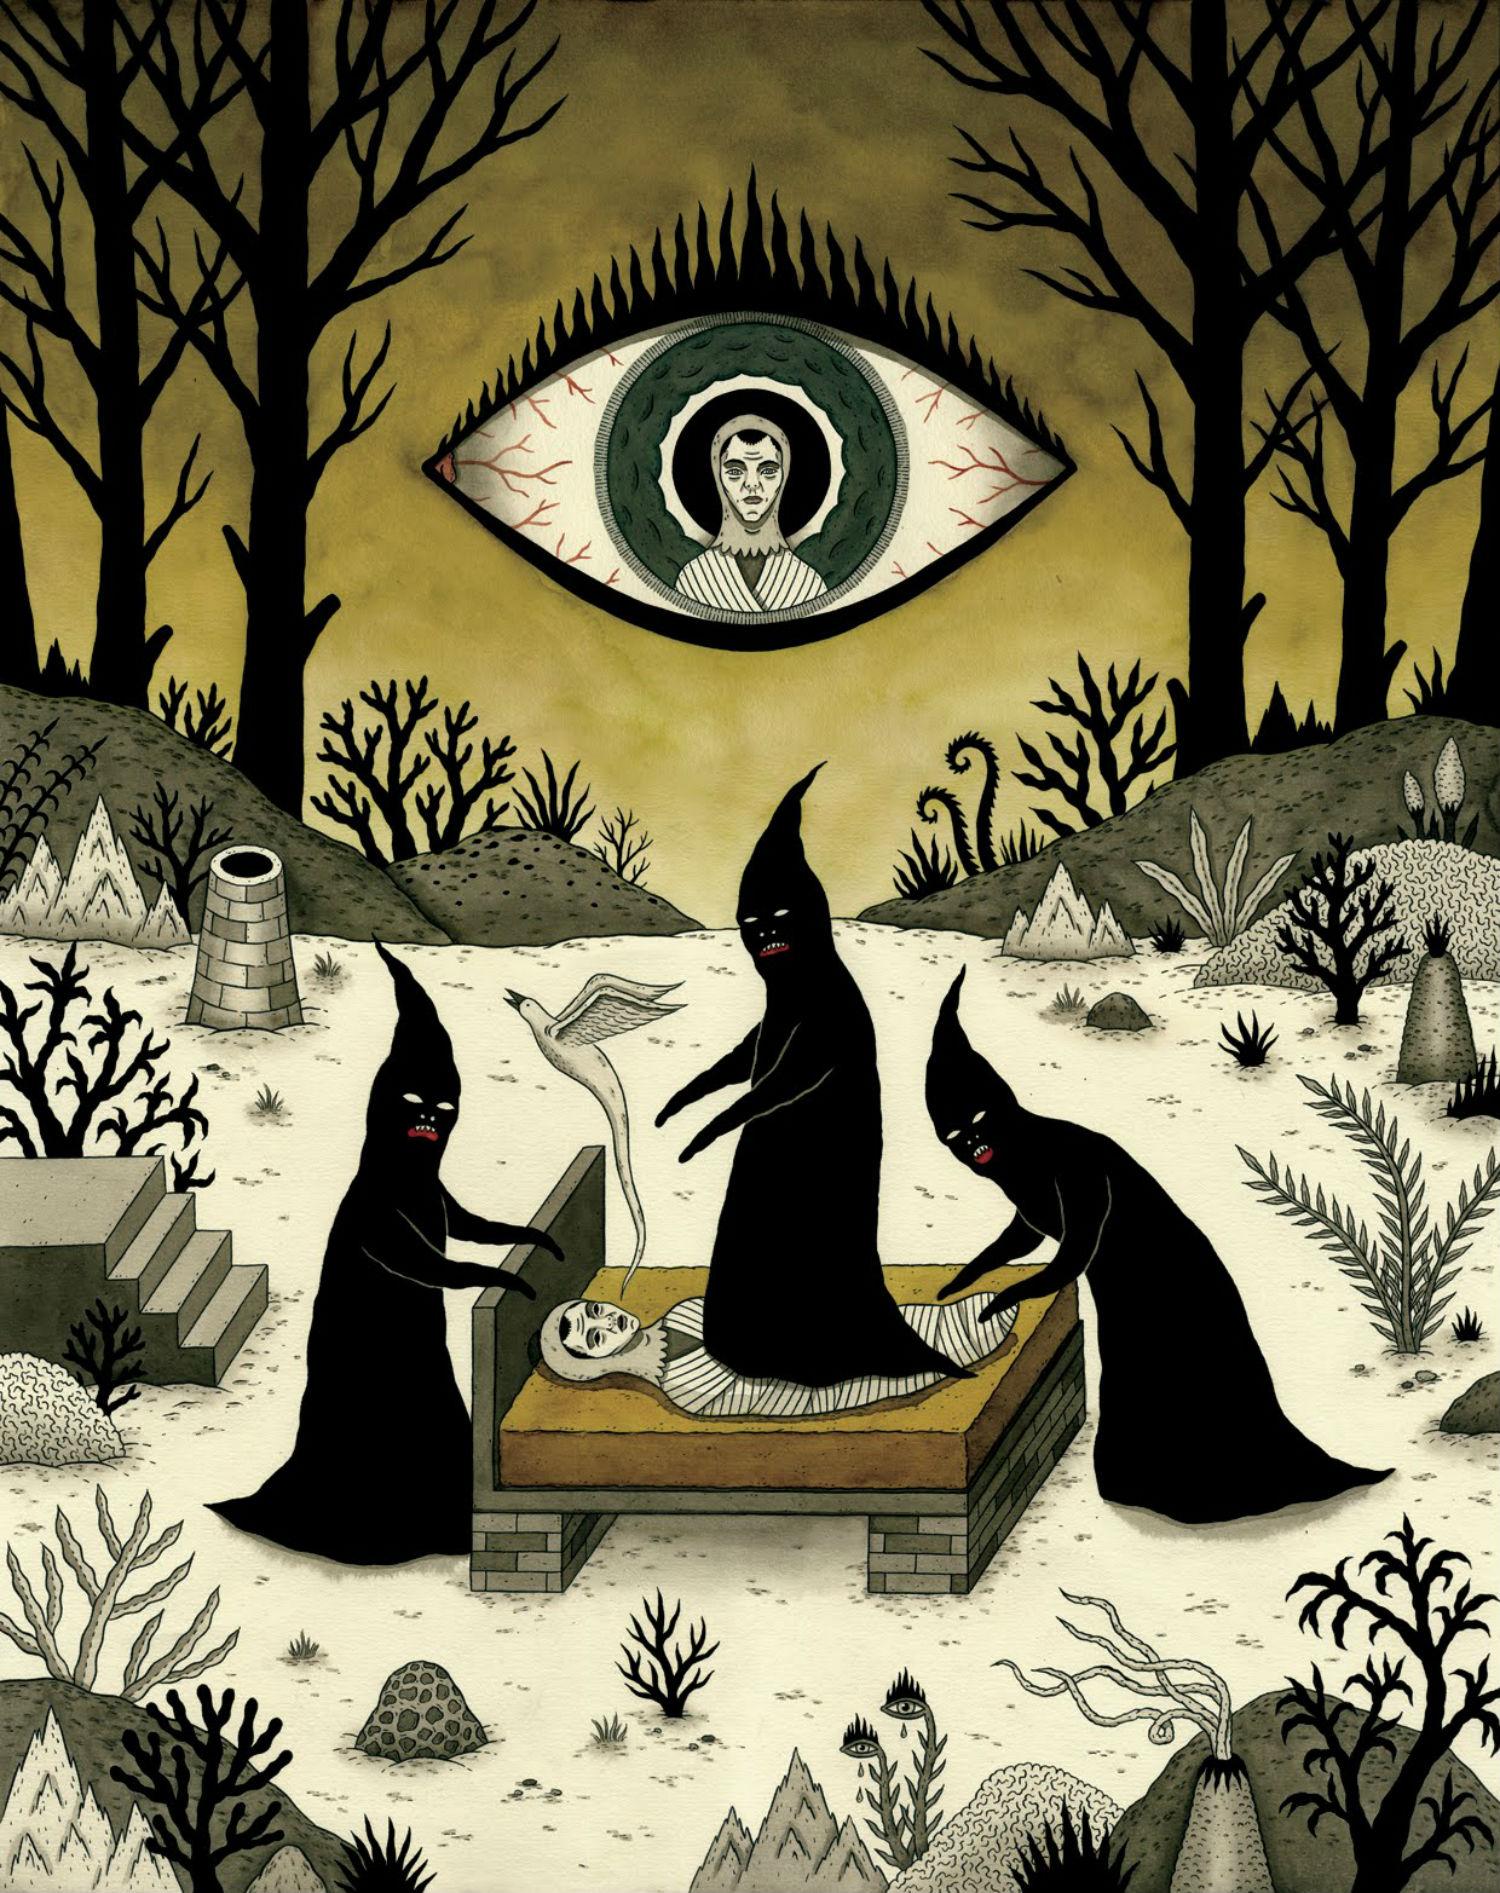 jon mcnair illustration gold spirit